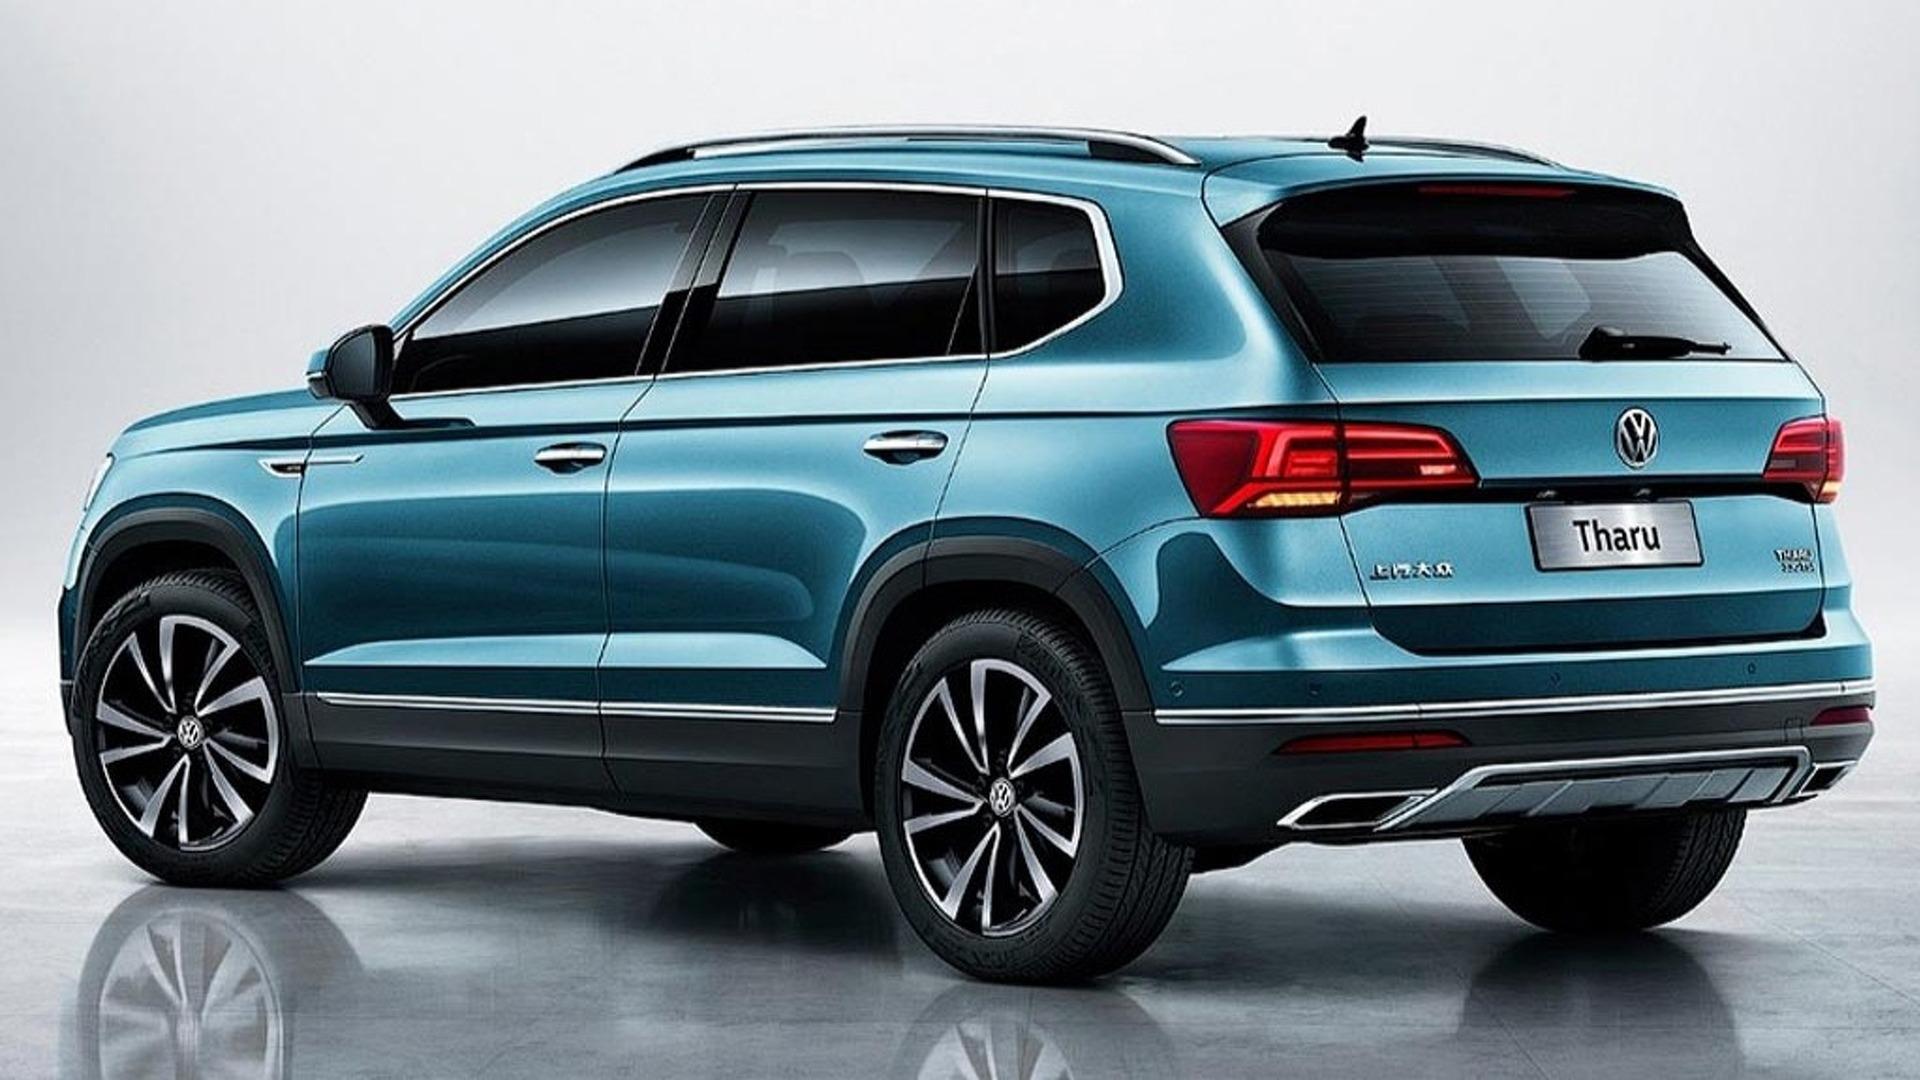 2019 Volkswagen Tharu (Chinese spec)